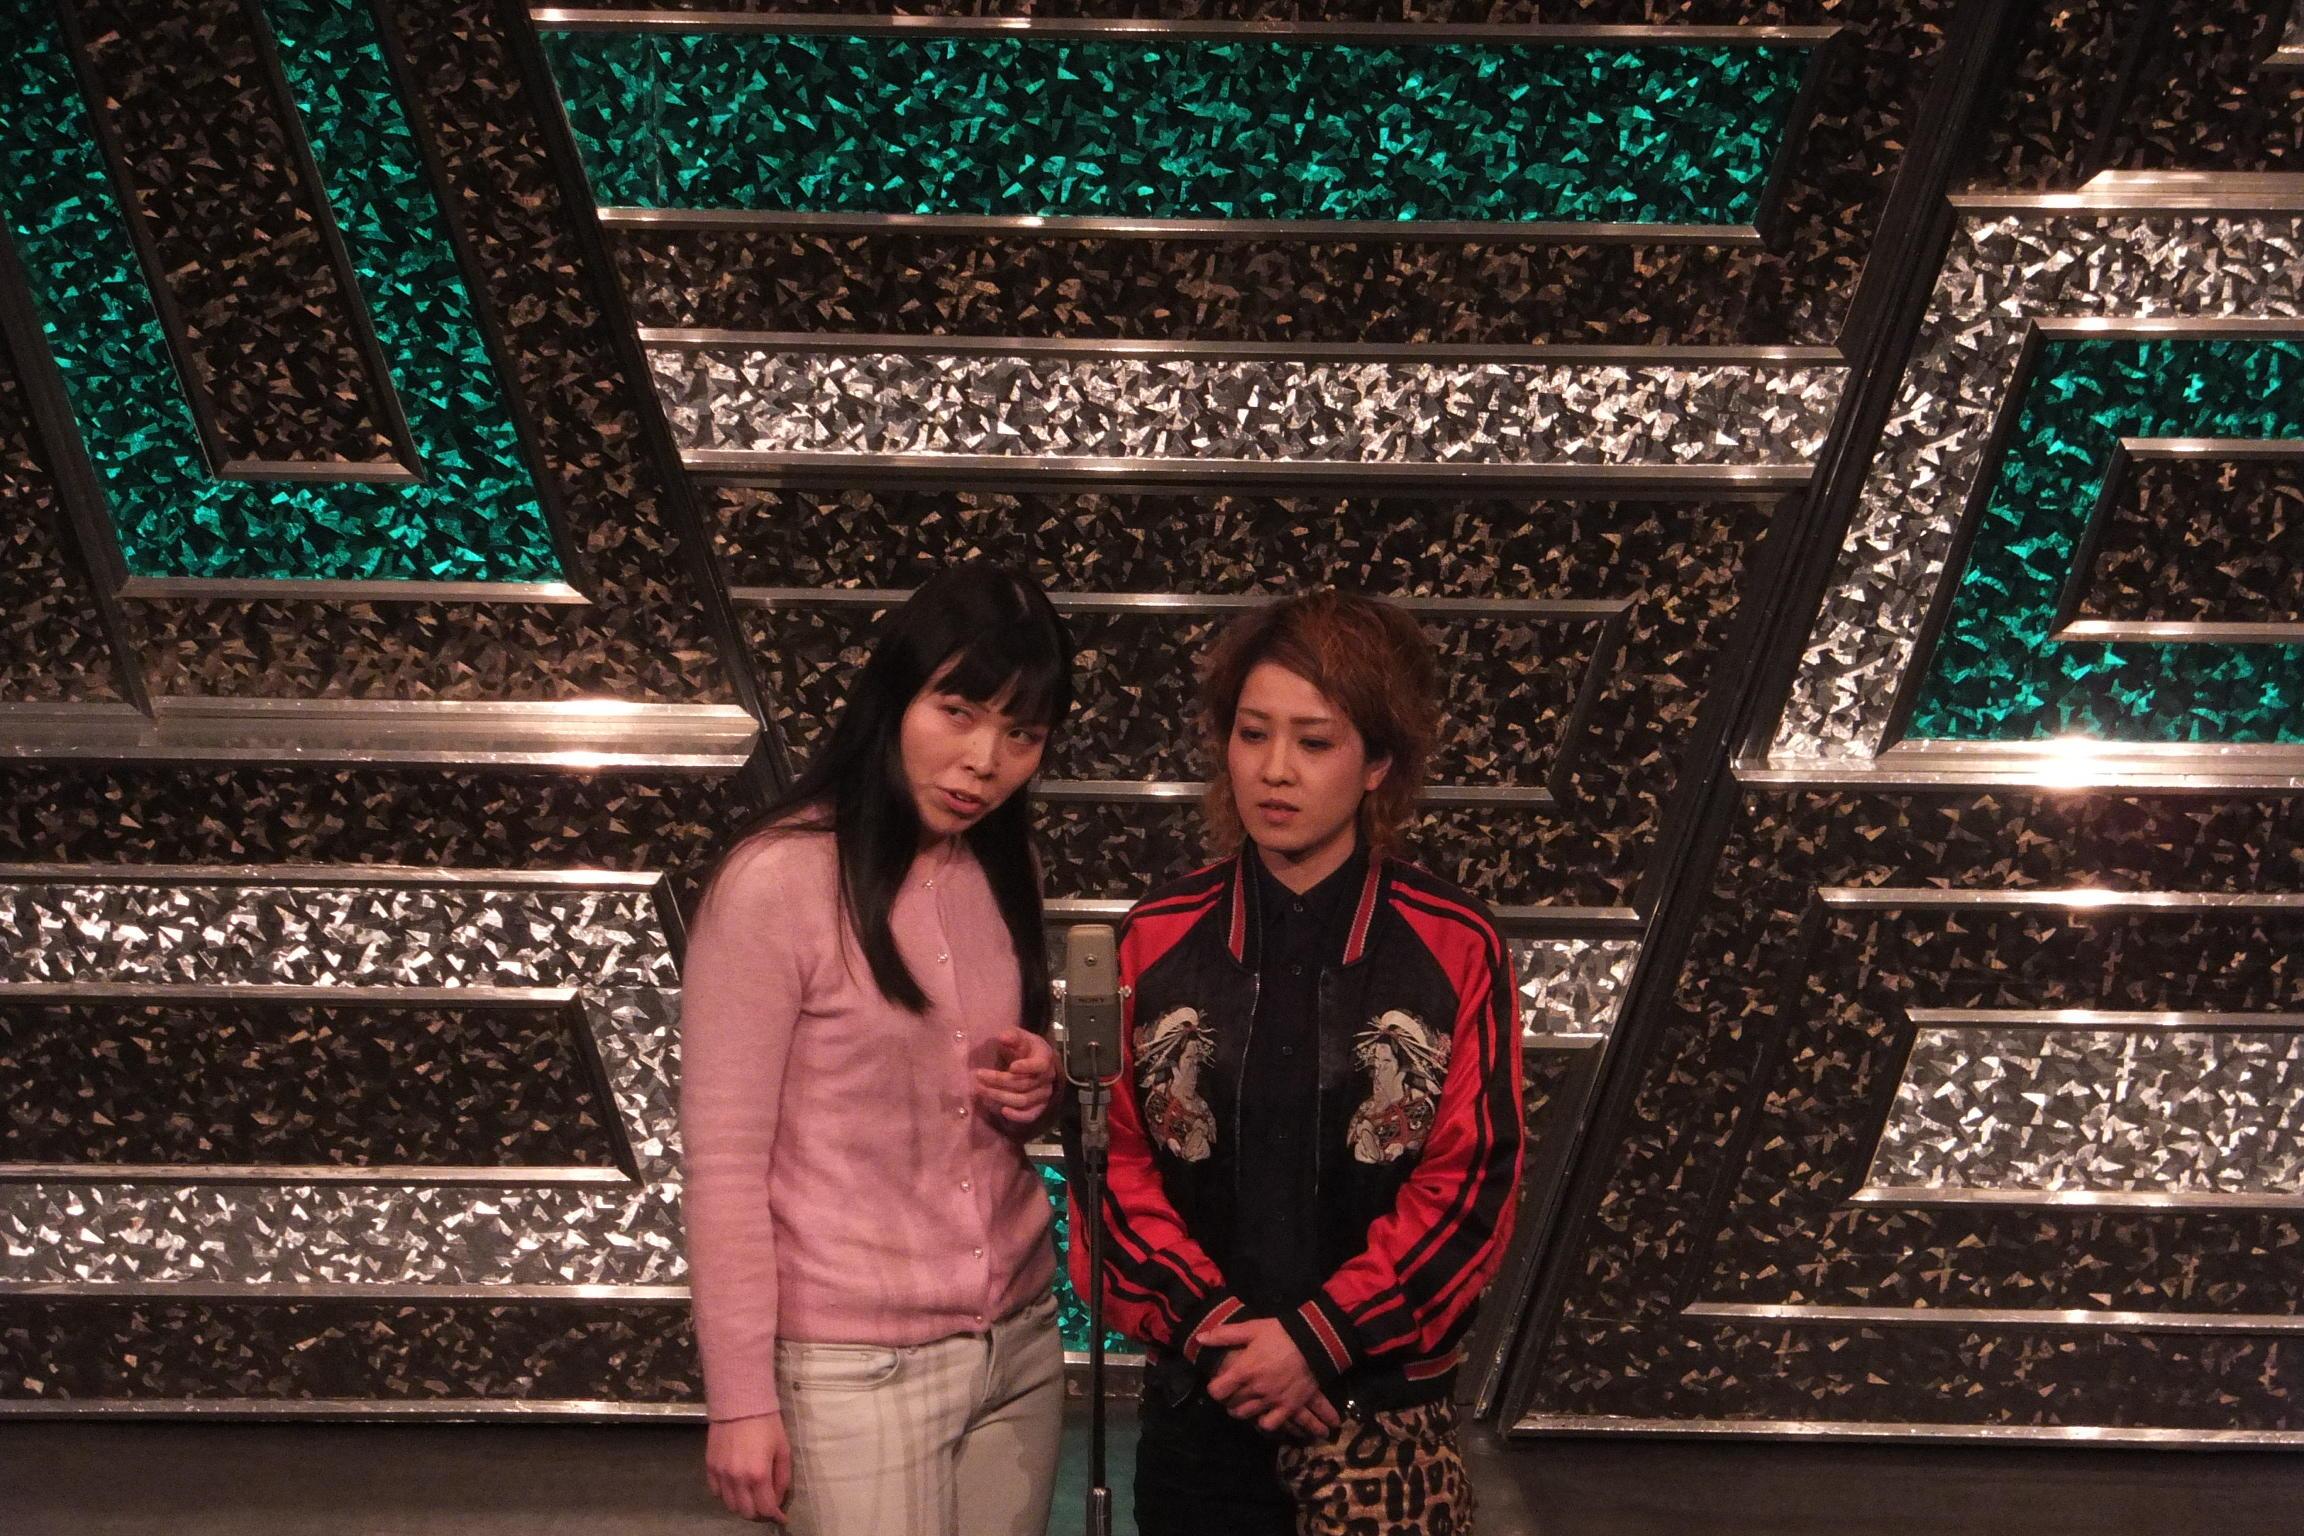 http://news.yoshimoto.co.jp/20160129151943-670e0f28d08e9f5526f5890c1c1235cda8bb1058.jpg